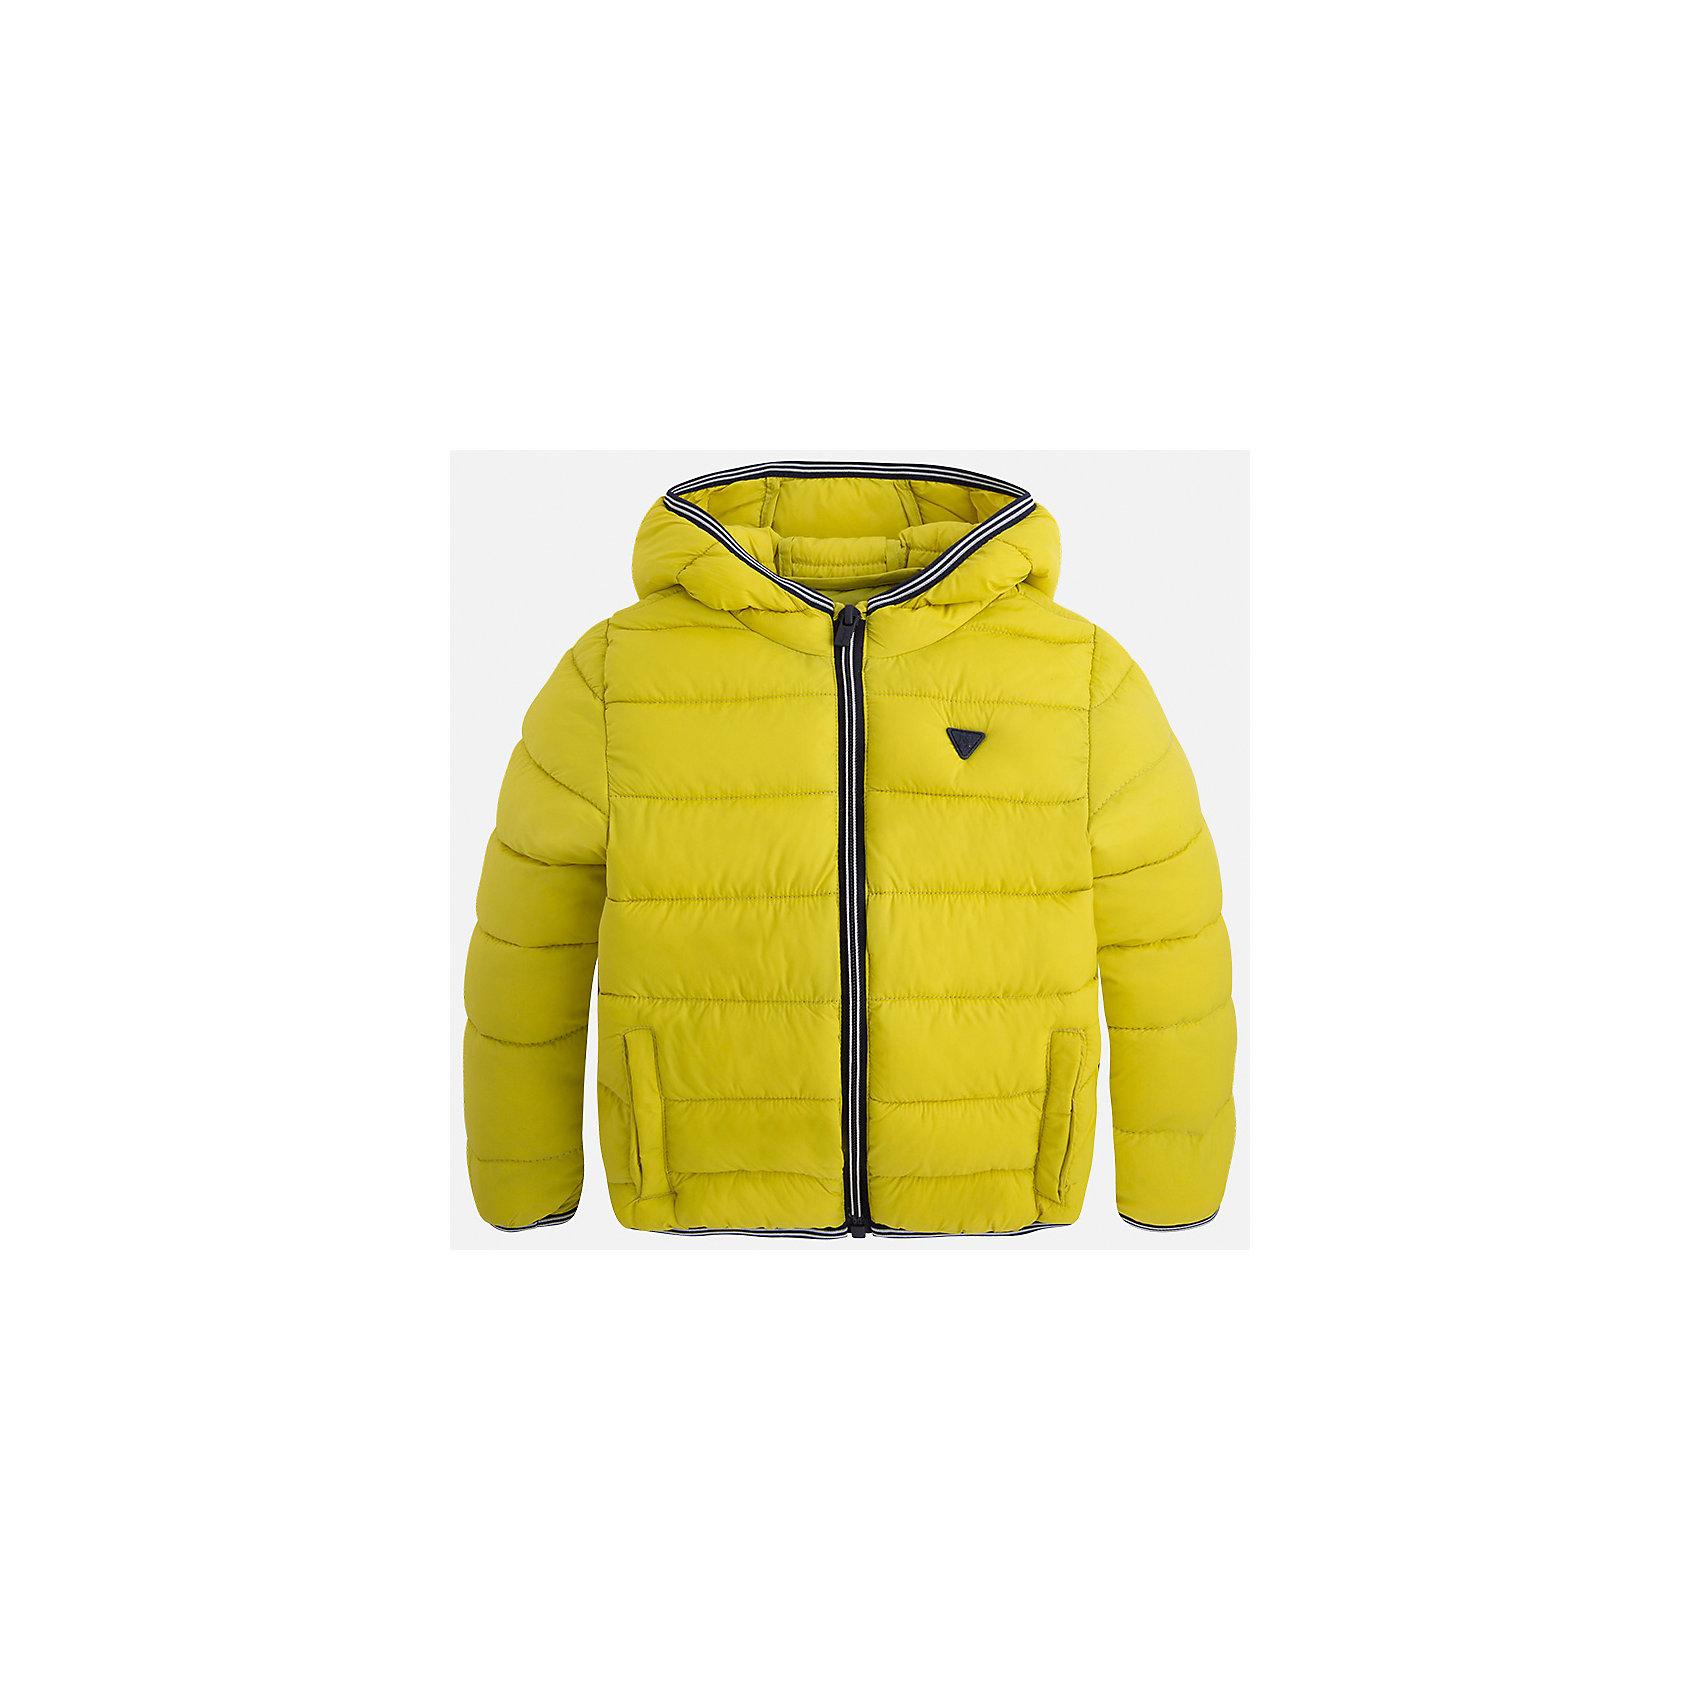 Куртка для мальчика MayoralВерхняя одежда<br>Характеристики товара:<br><br>• цвет: зеленый<br>• состав ткани: 100% полиамид<br>• подкладка: 100% полиамид<br>• утеплитель: 100% полиэстер<br>• сезон: демисезон<br>• температурный режим: от -10 до +10<br>• особенности модели: с капюшоном, сумка в комплекте<br>• капюшон: несъемный<br>• застежка: молния<br>• страна бренда: Испания<br>• страна изготовитель: Индия<br><br>Яркая детская куртка сделана из легкого, но теплого материала. Благодаря качественной ткани детской куртки для мальчика создаются комфортные условия для тела. Эта куртка для мальчика отличается стильным продуманным дизайном.<br><br>Куртку для мальчика Mayoral (Майорал) можно купить в нашем интернет-магазине.<br><br>Ширина мм: 356<br>Глубина мм: 10<br>Высота мм: 245<br>Вес г: 519<br>Цвет: зеленый<br>Возраст от месяцев: 96<br>Возраст до месяцев: 108<br>Пол: Мужской<br>Возраст: Детский<br>Размер: 134,92,98,104,110,116,122,128<br>SKU: 6934848